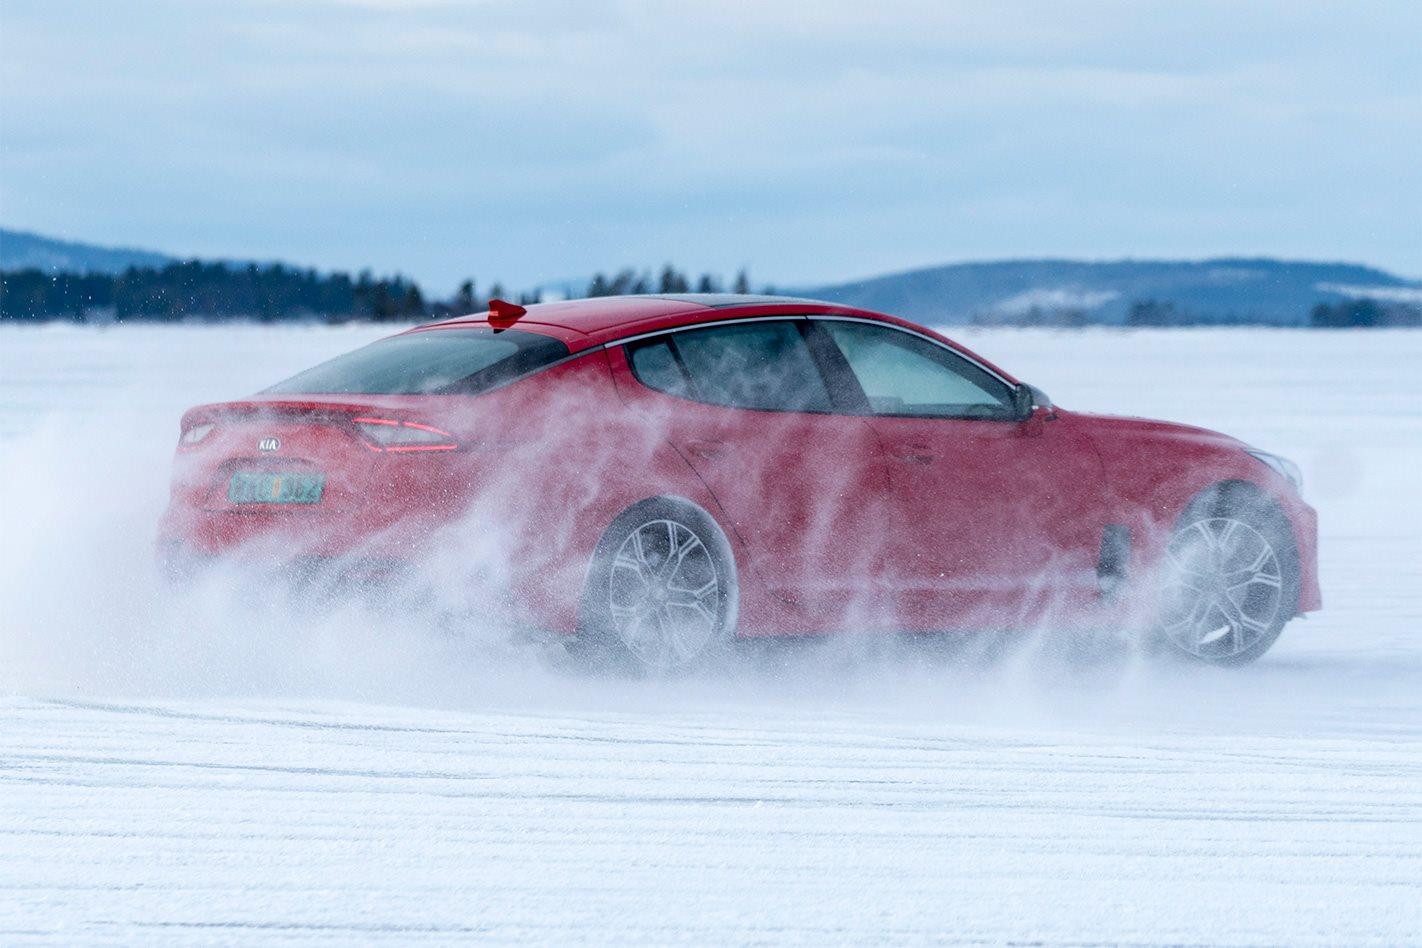 2018 Kia Stinger GT snow testing